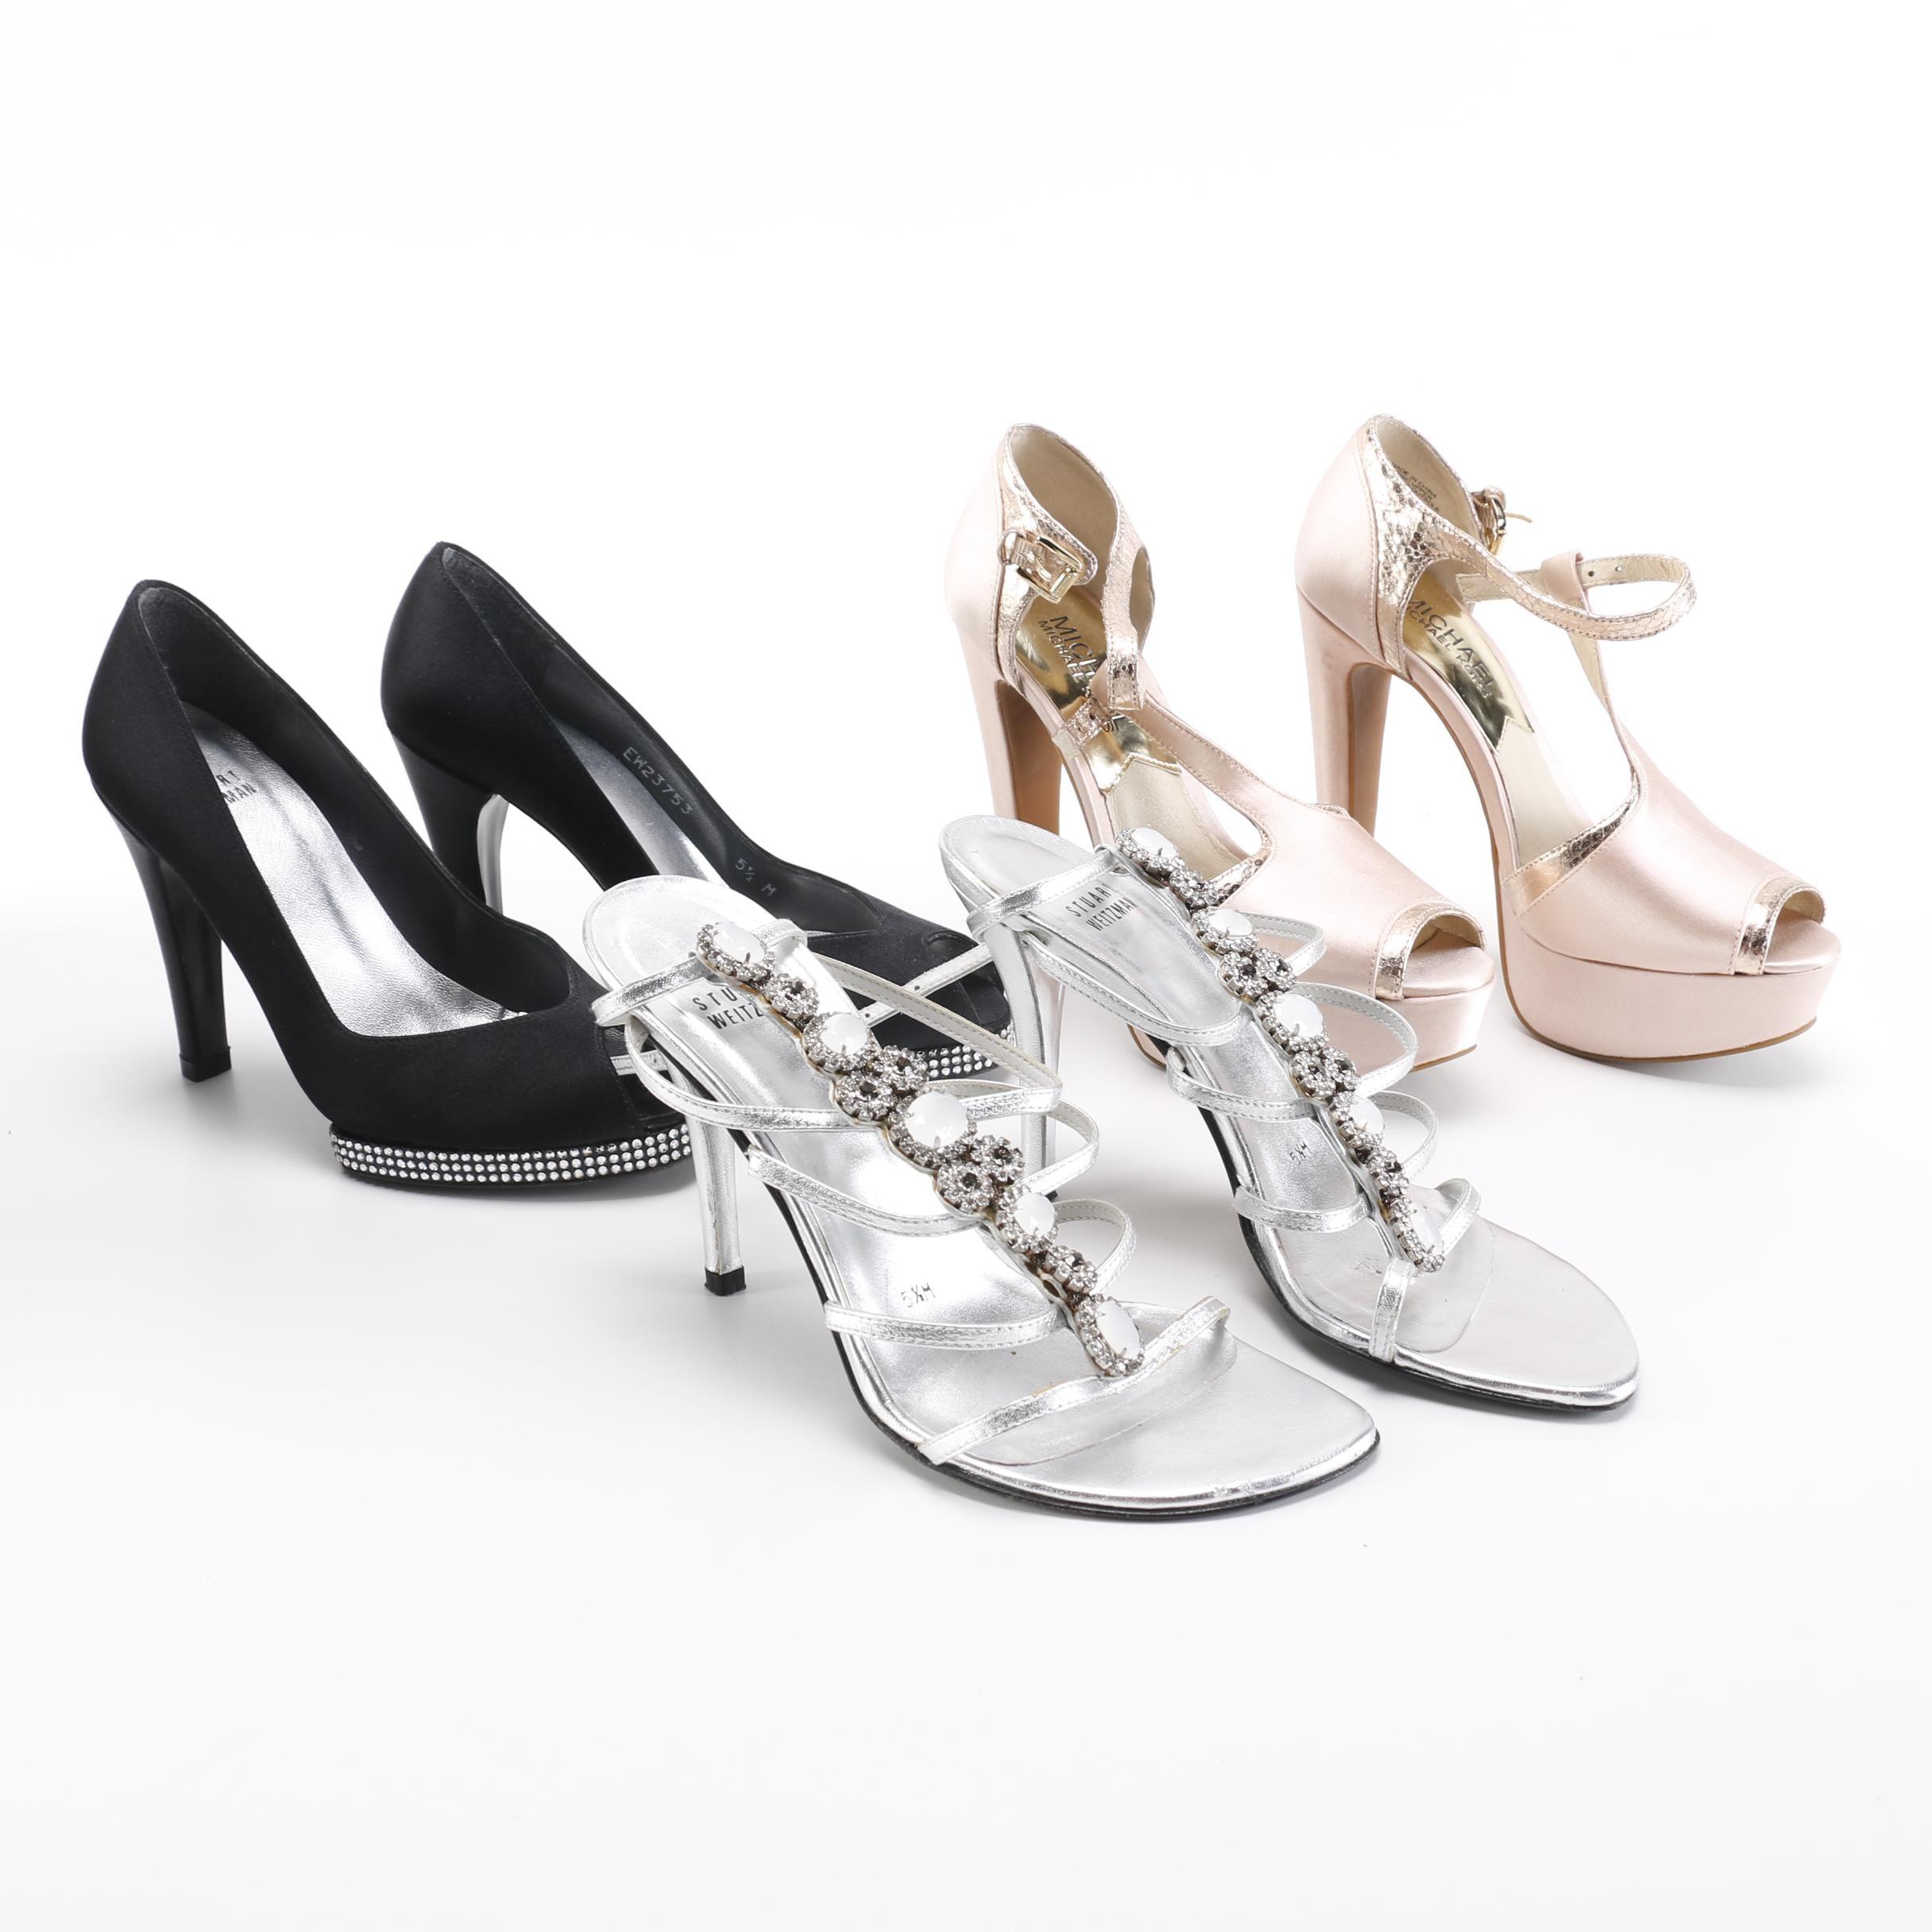 Women's Heels Including Stuart Weitzman and Michael Kors